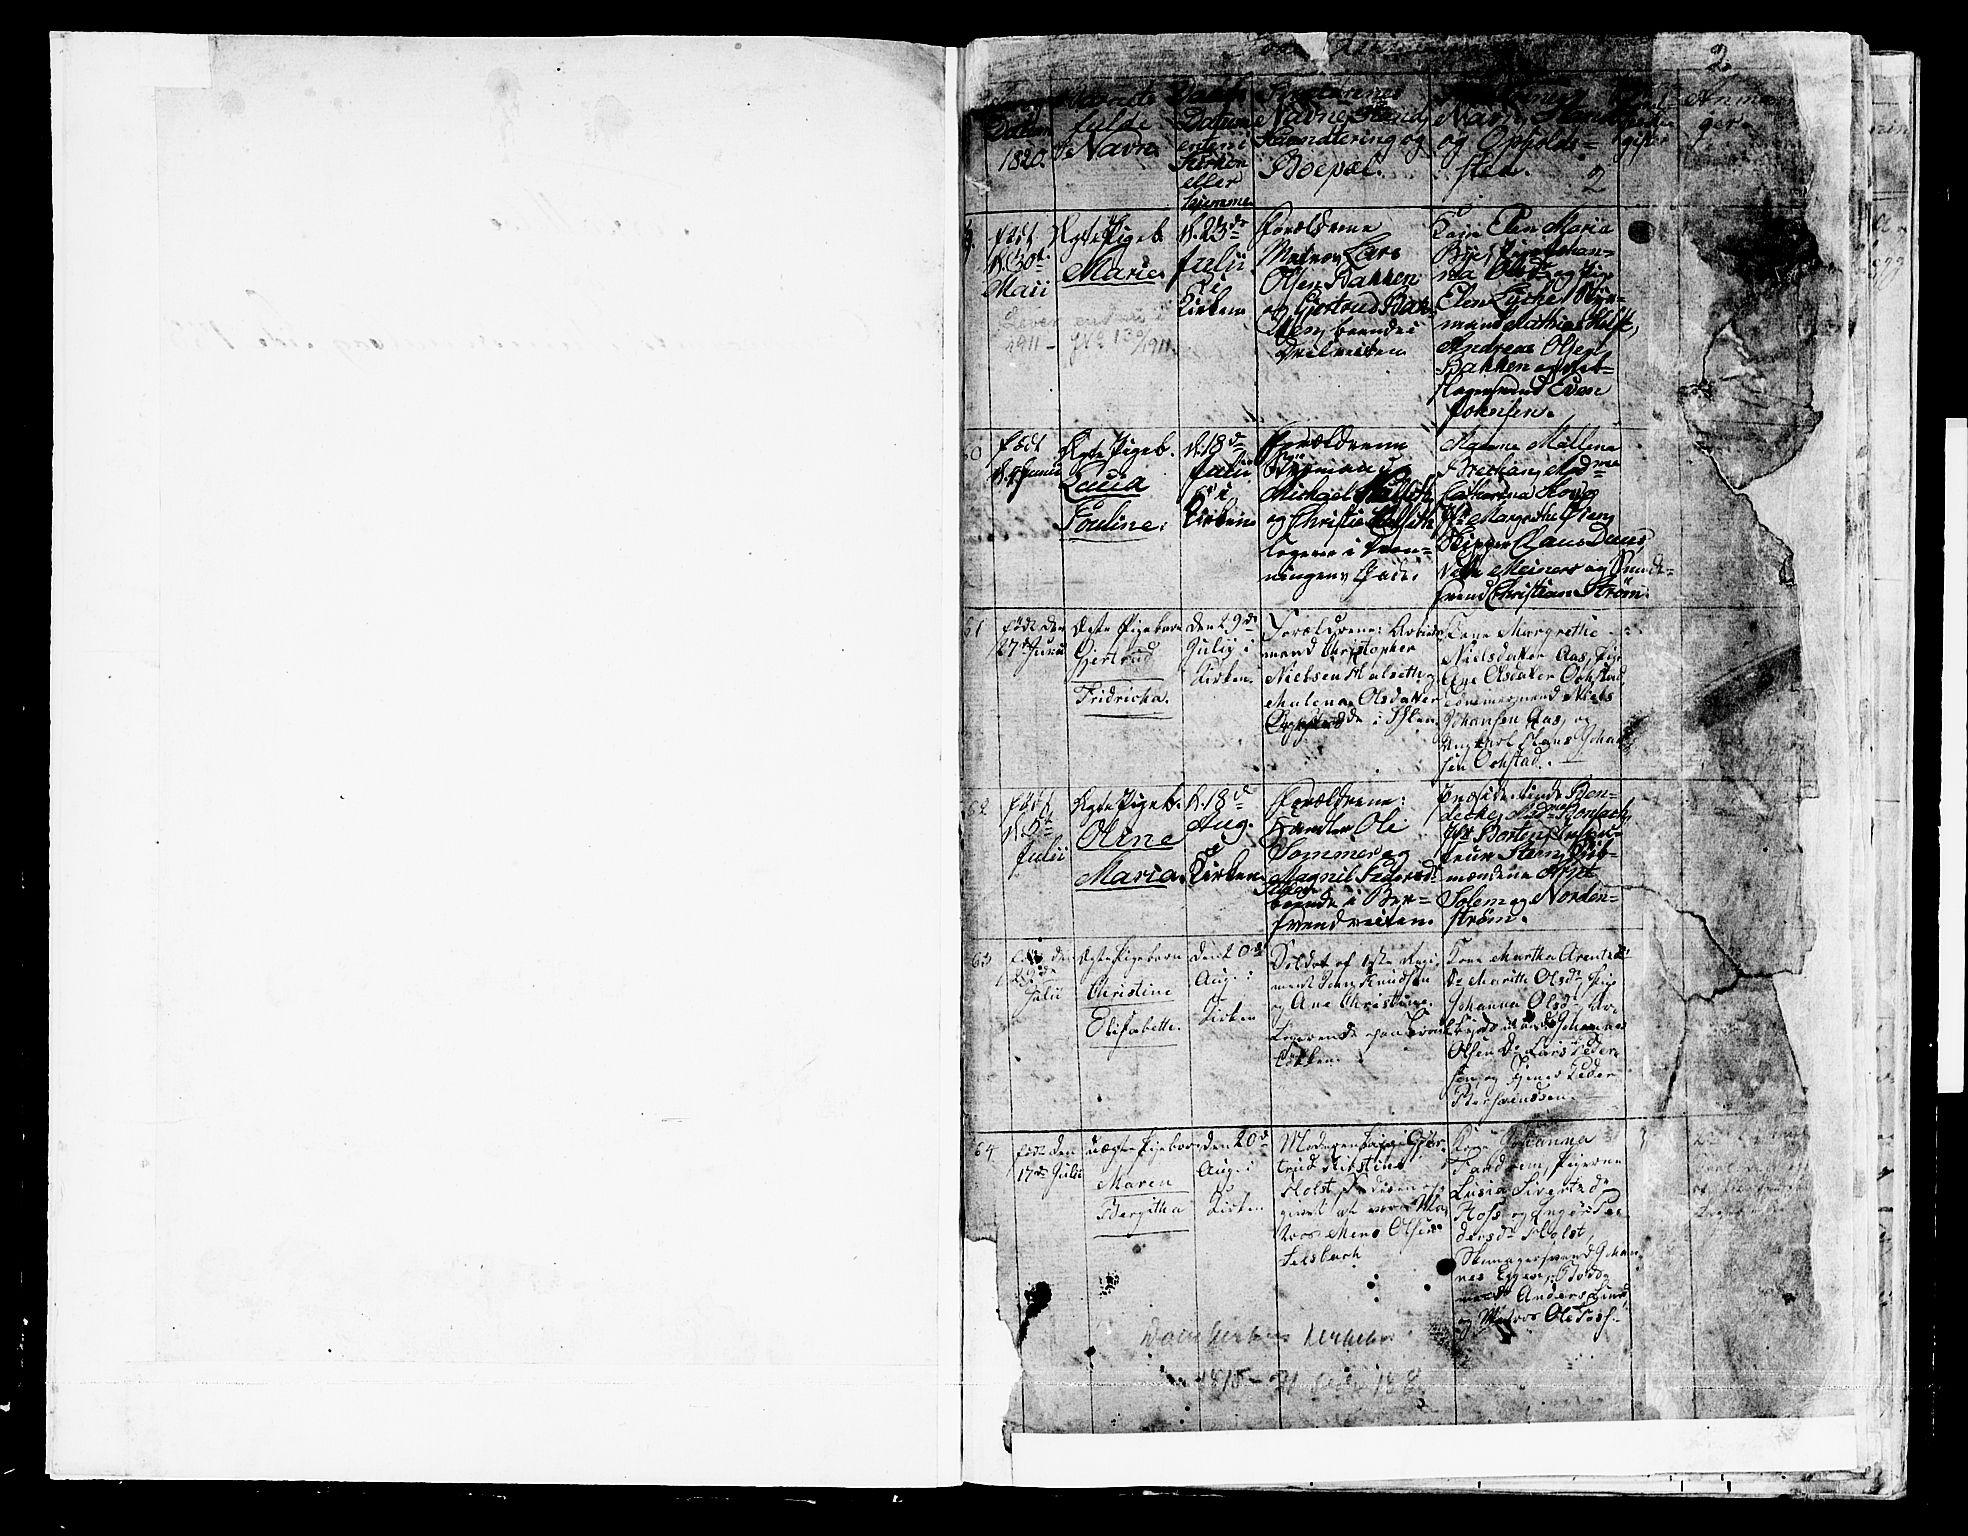 SAT, Ministerialprotokoller, klokkerbøker og fødselsregistre - Sør-Trøndelag, 601/L0044: Ministerialbok nr. 601A12, 1820-1821, s. 2